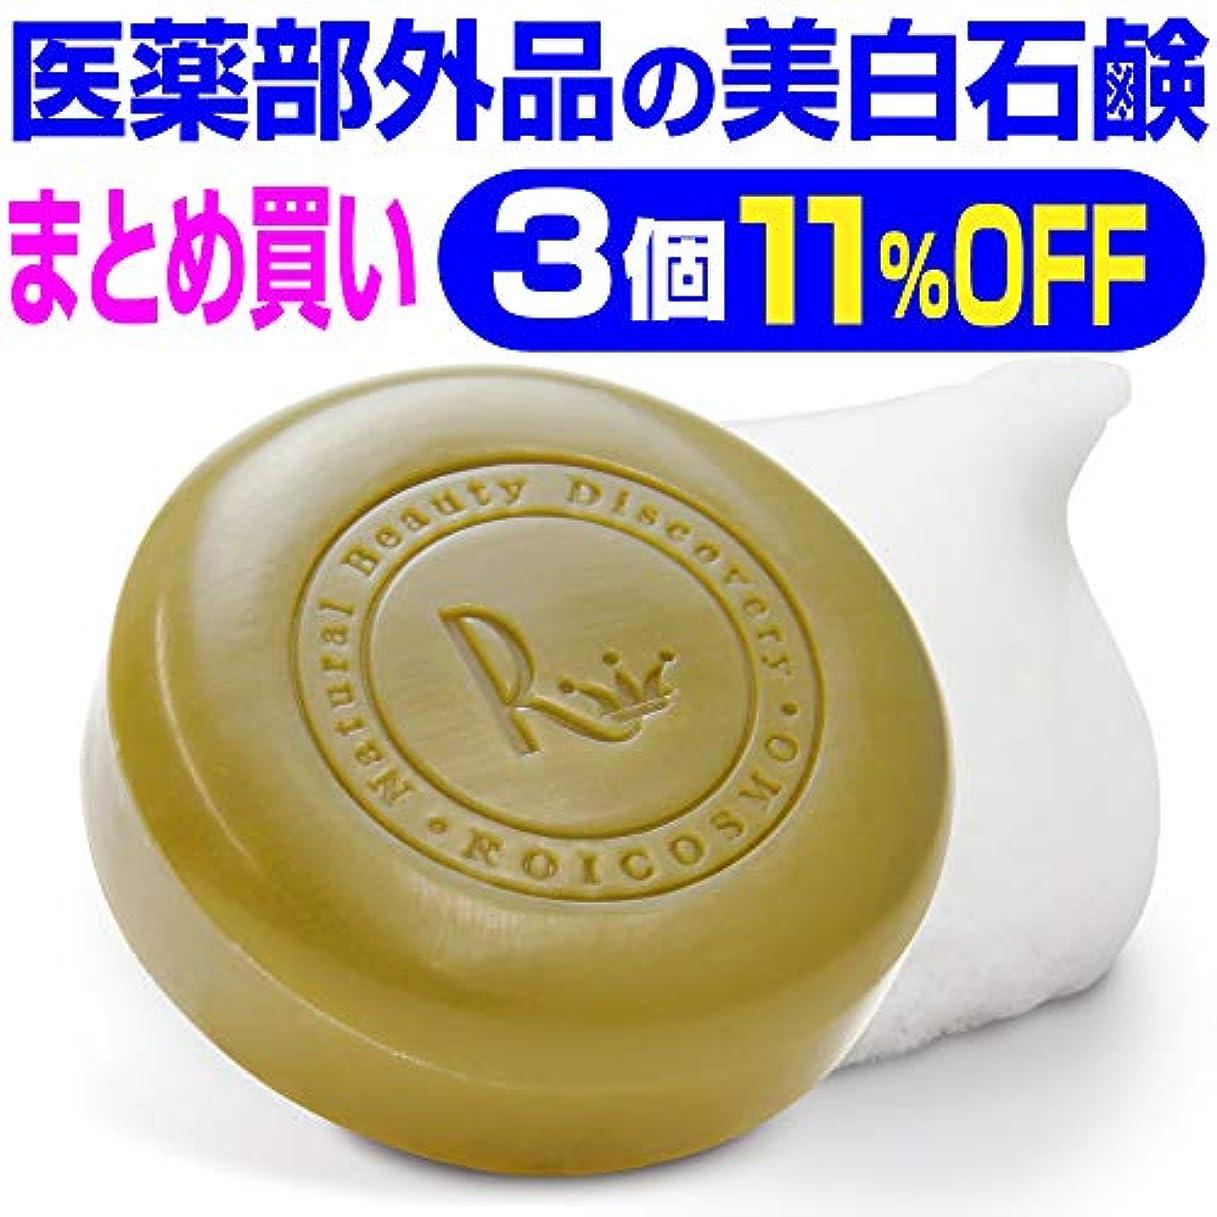 わかりやすいラメ現在3個まとめ買い11%OFF 美白石鹸/ビタミンC270倍の美白成分配合の 洗顔石鹸『ホワイトソープ100g×3個』